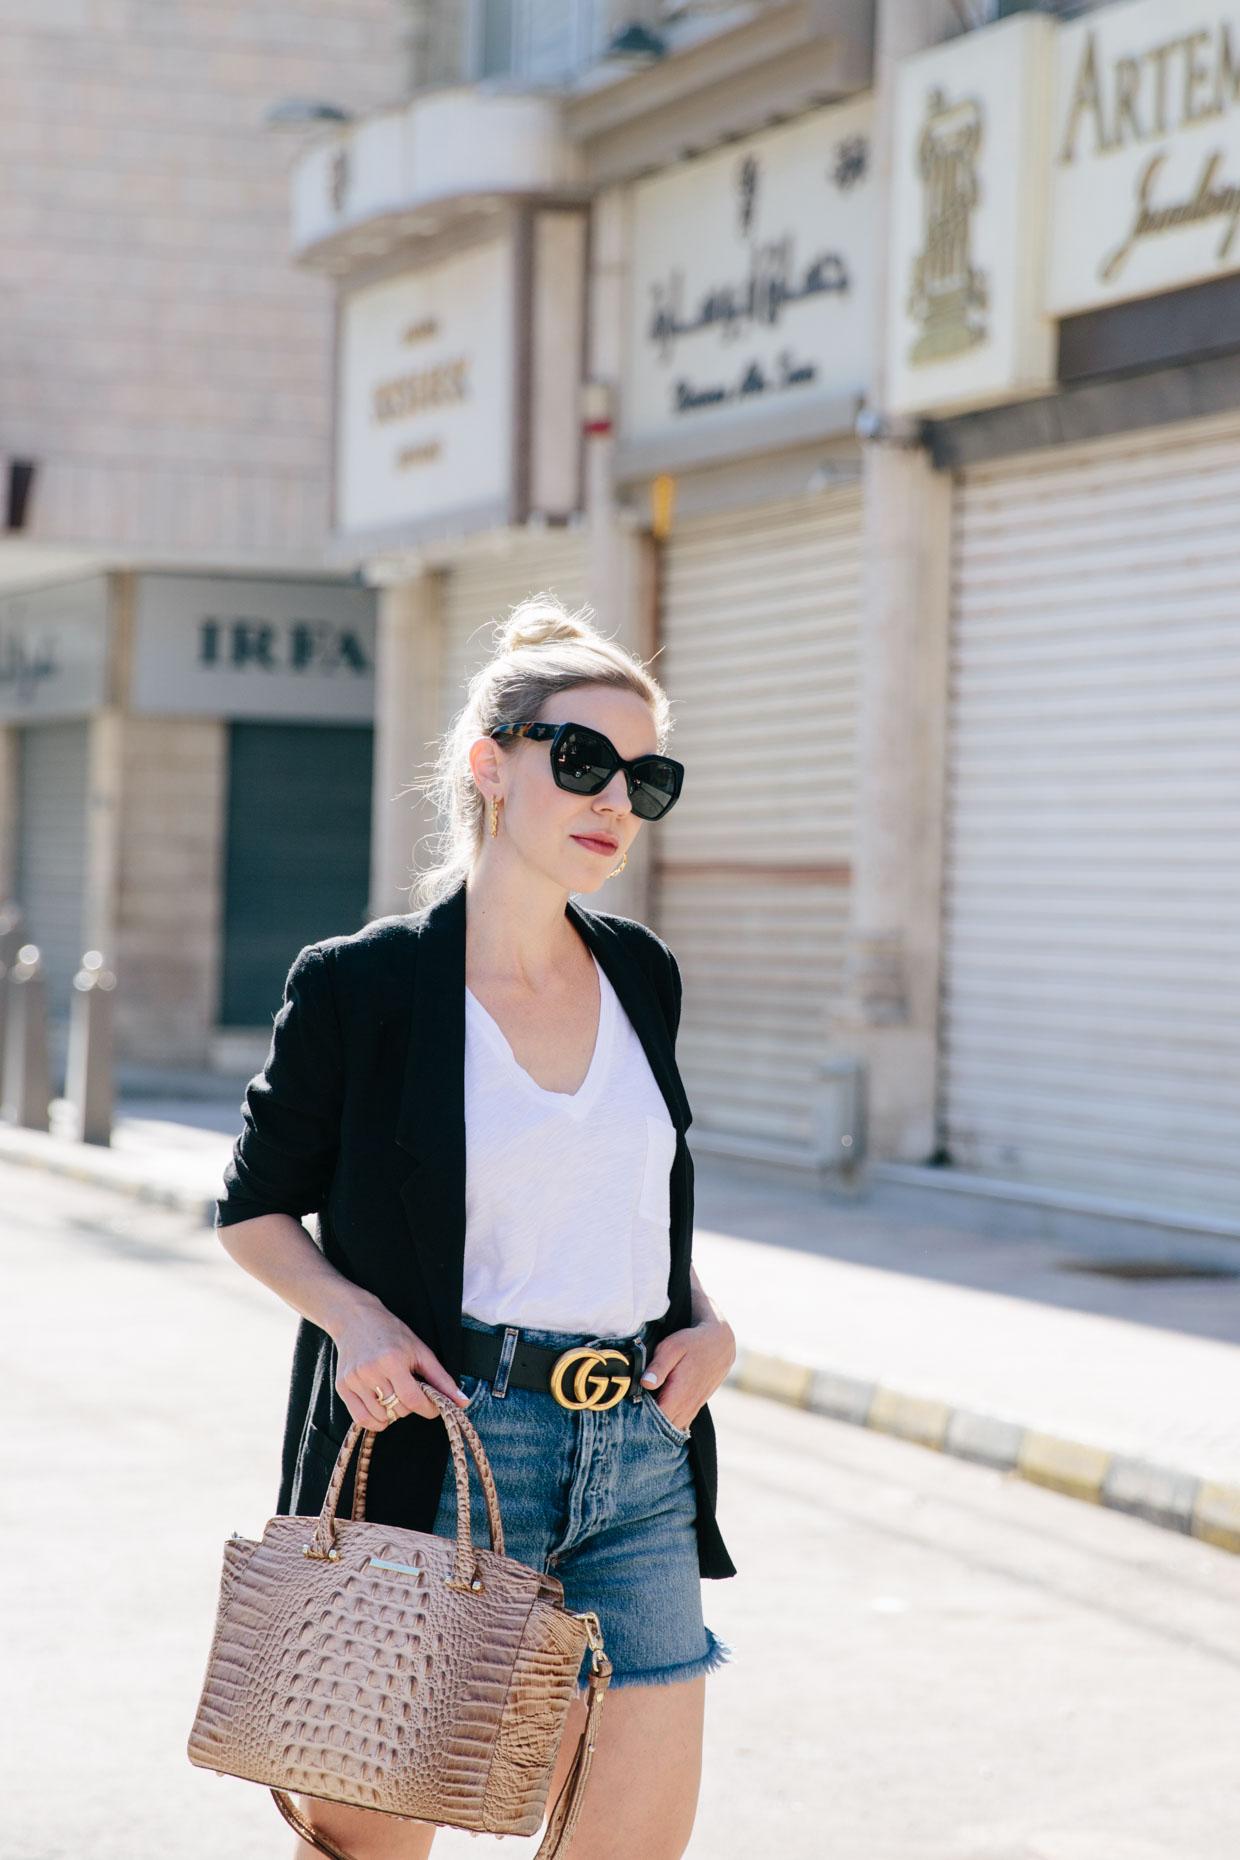 2a058e23fe7 Meagan Brandon fashion blogger of Meagan s Moda shows chic way to wear denim  cutoffs with black blazer